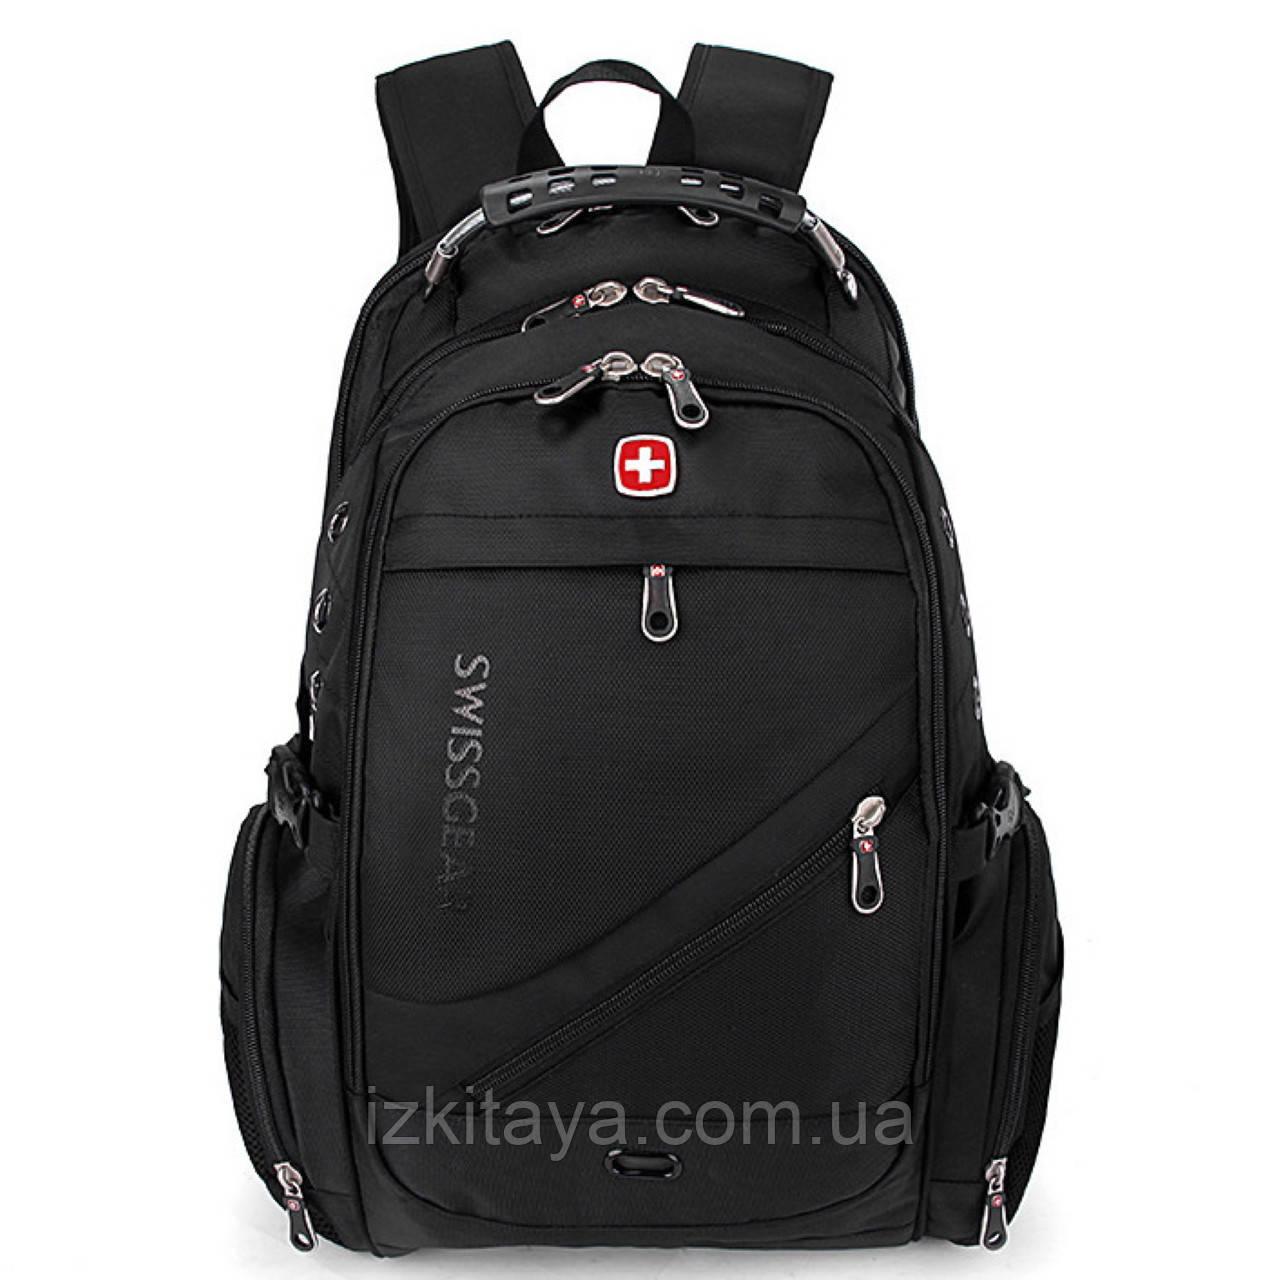 Стильный городской рюкзак Swissgear 8810 + Чехол